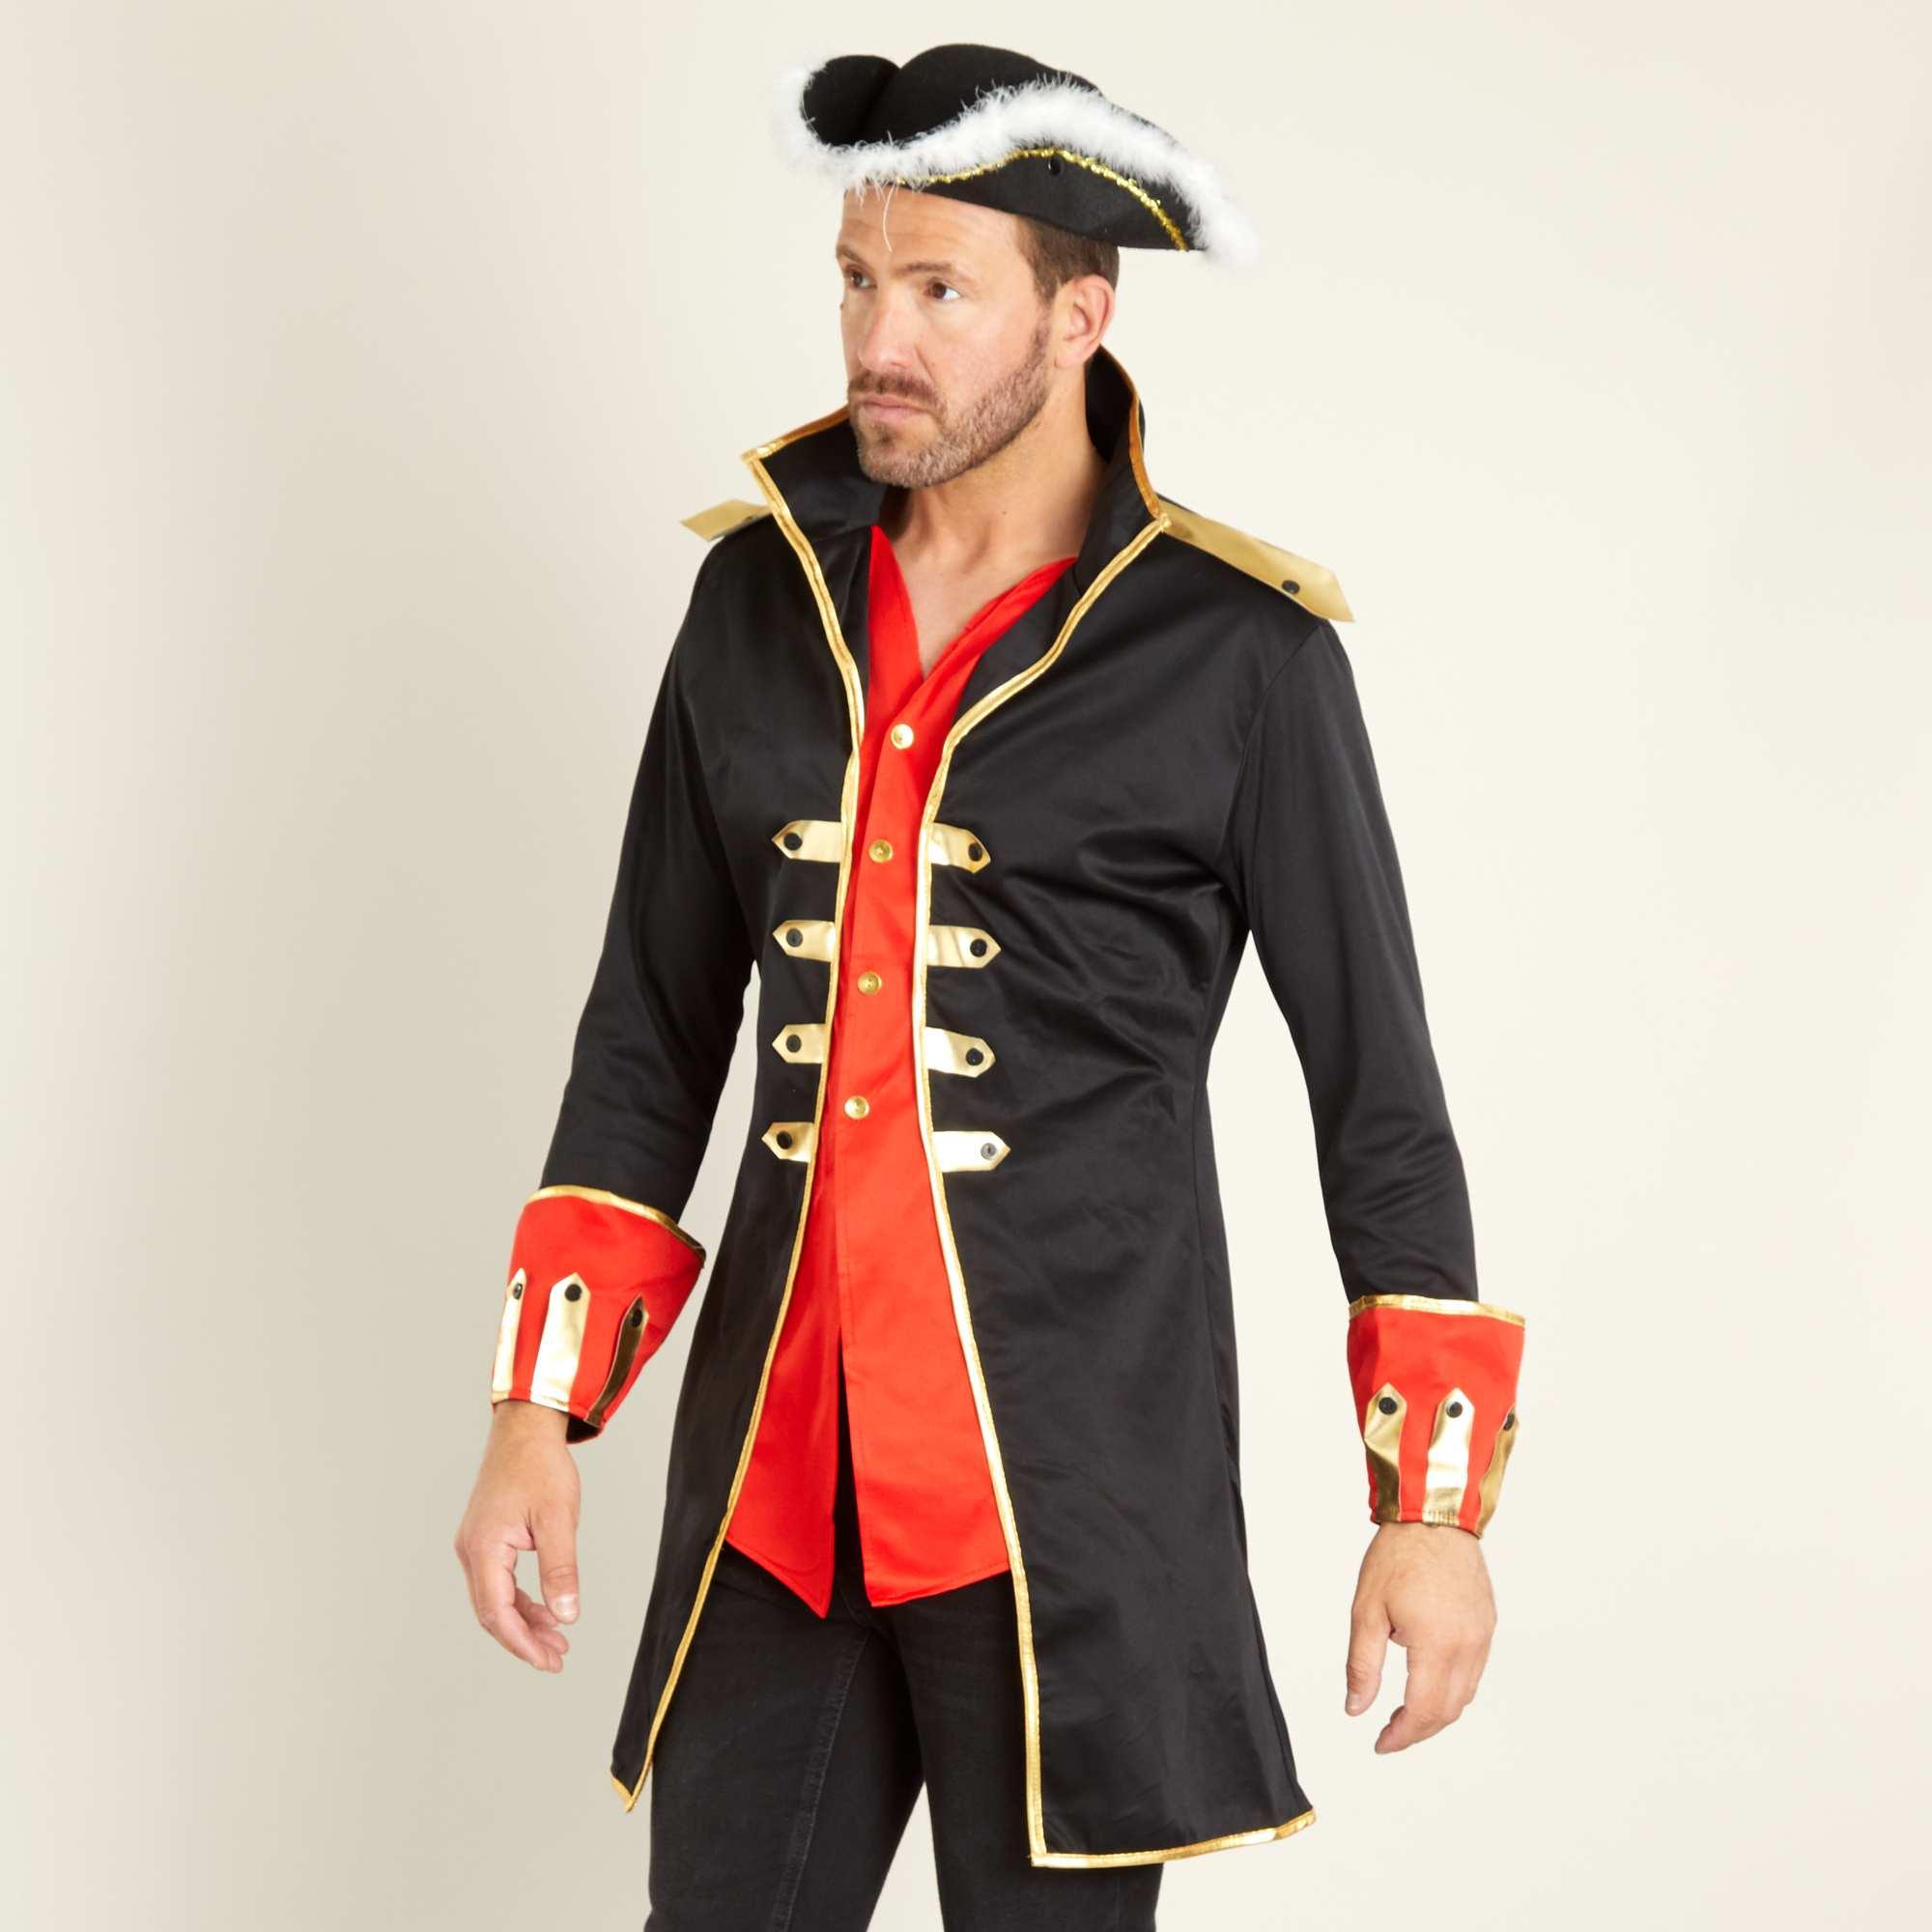 Couleur : noir, , ,, - Taille : XL, , ,,Idéale pour aller combattre les pirates ! - Déguisement de capitaine de navire -